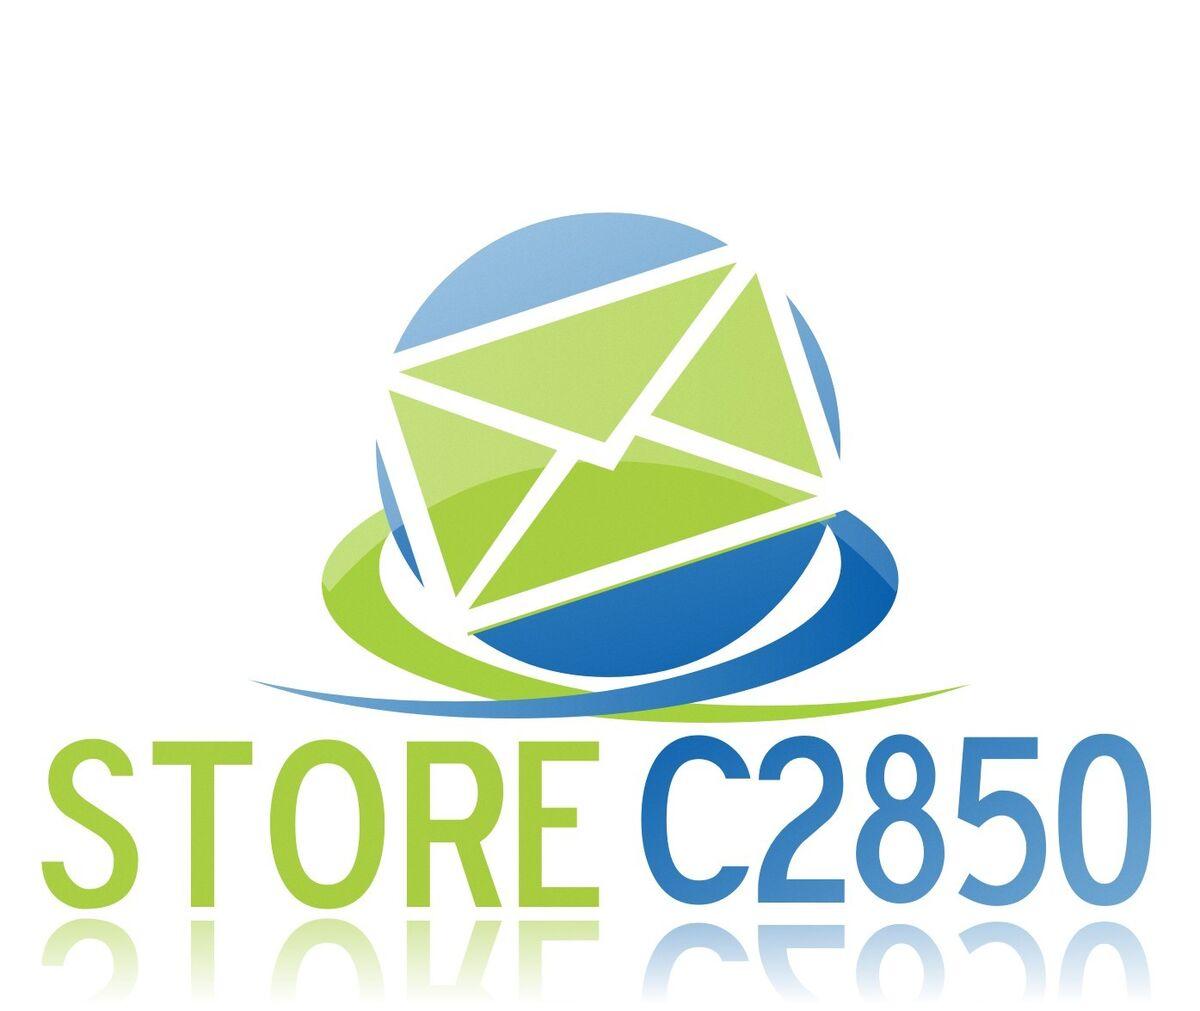 Store C2850